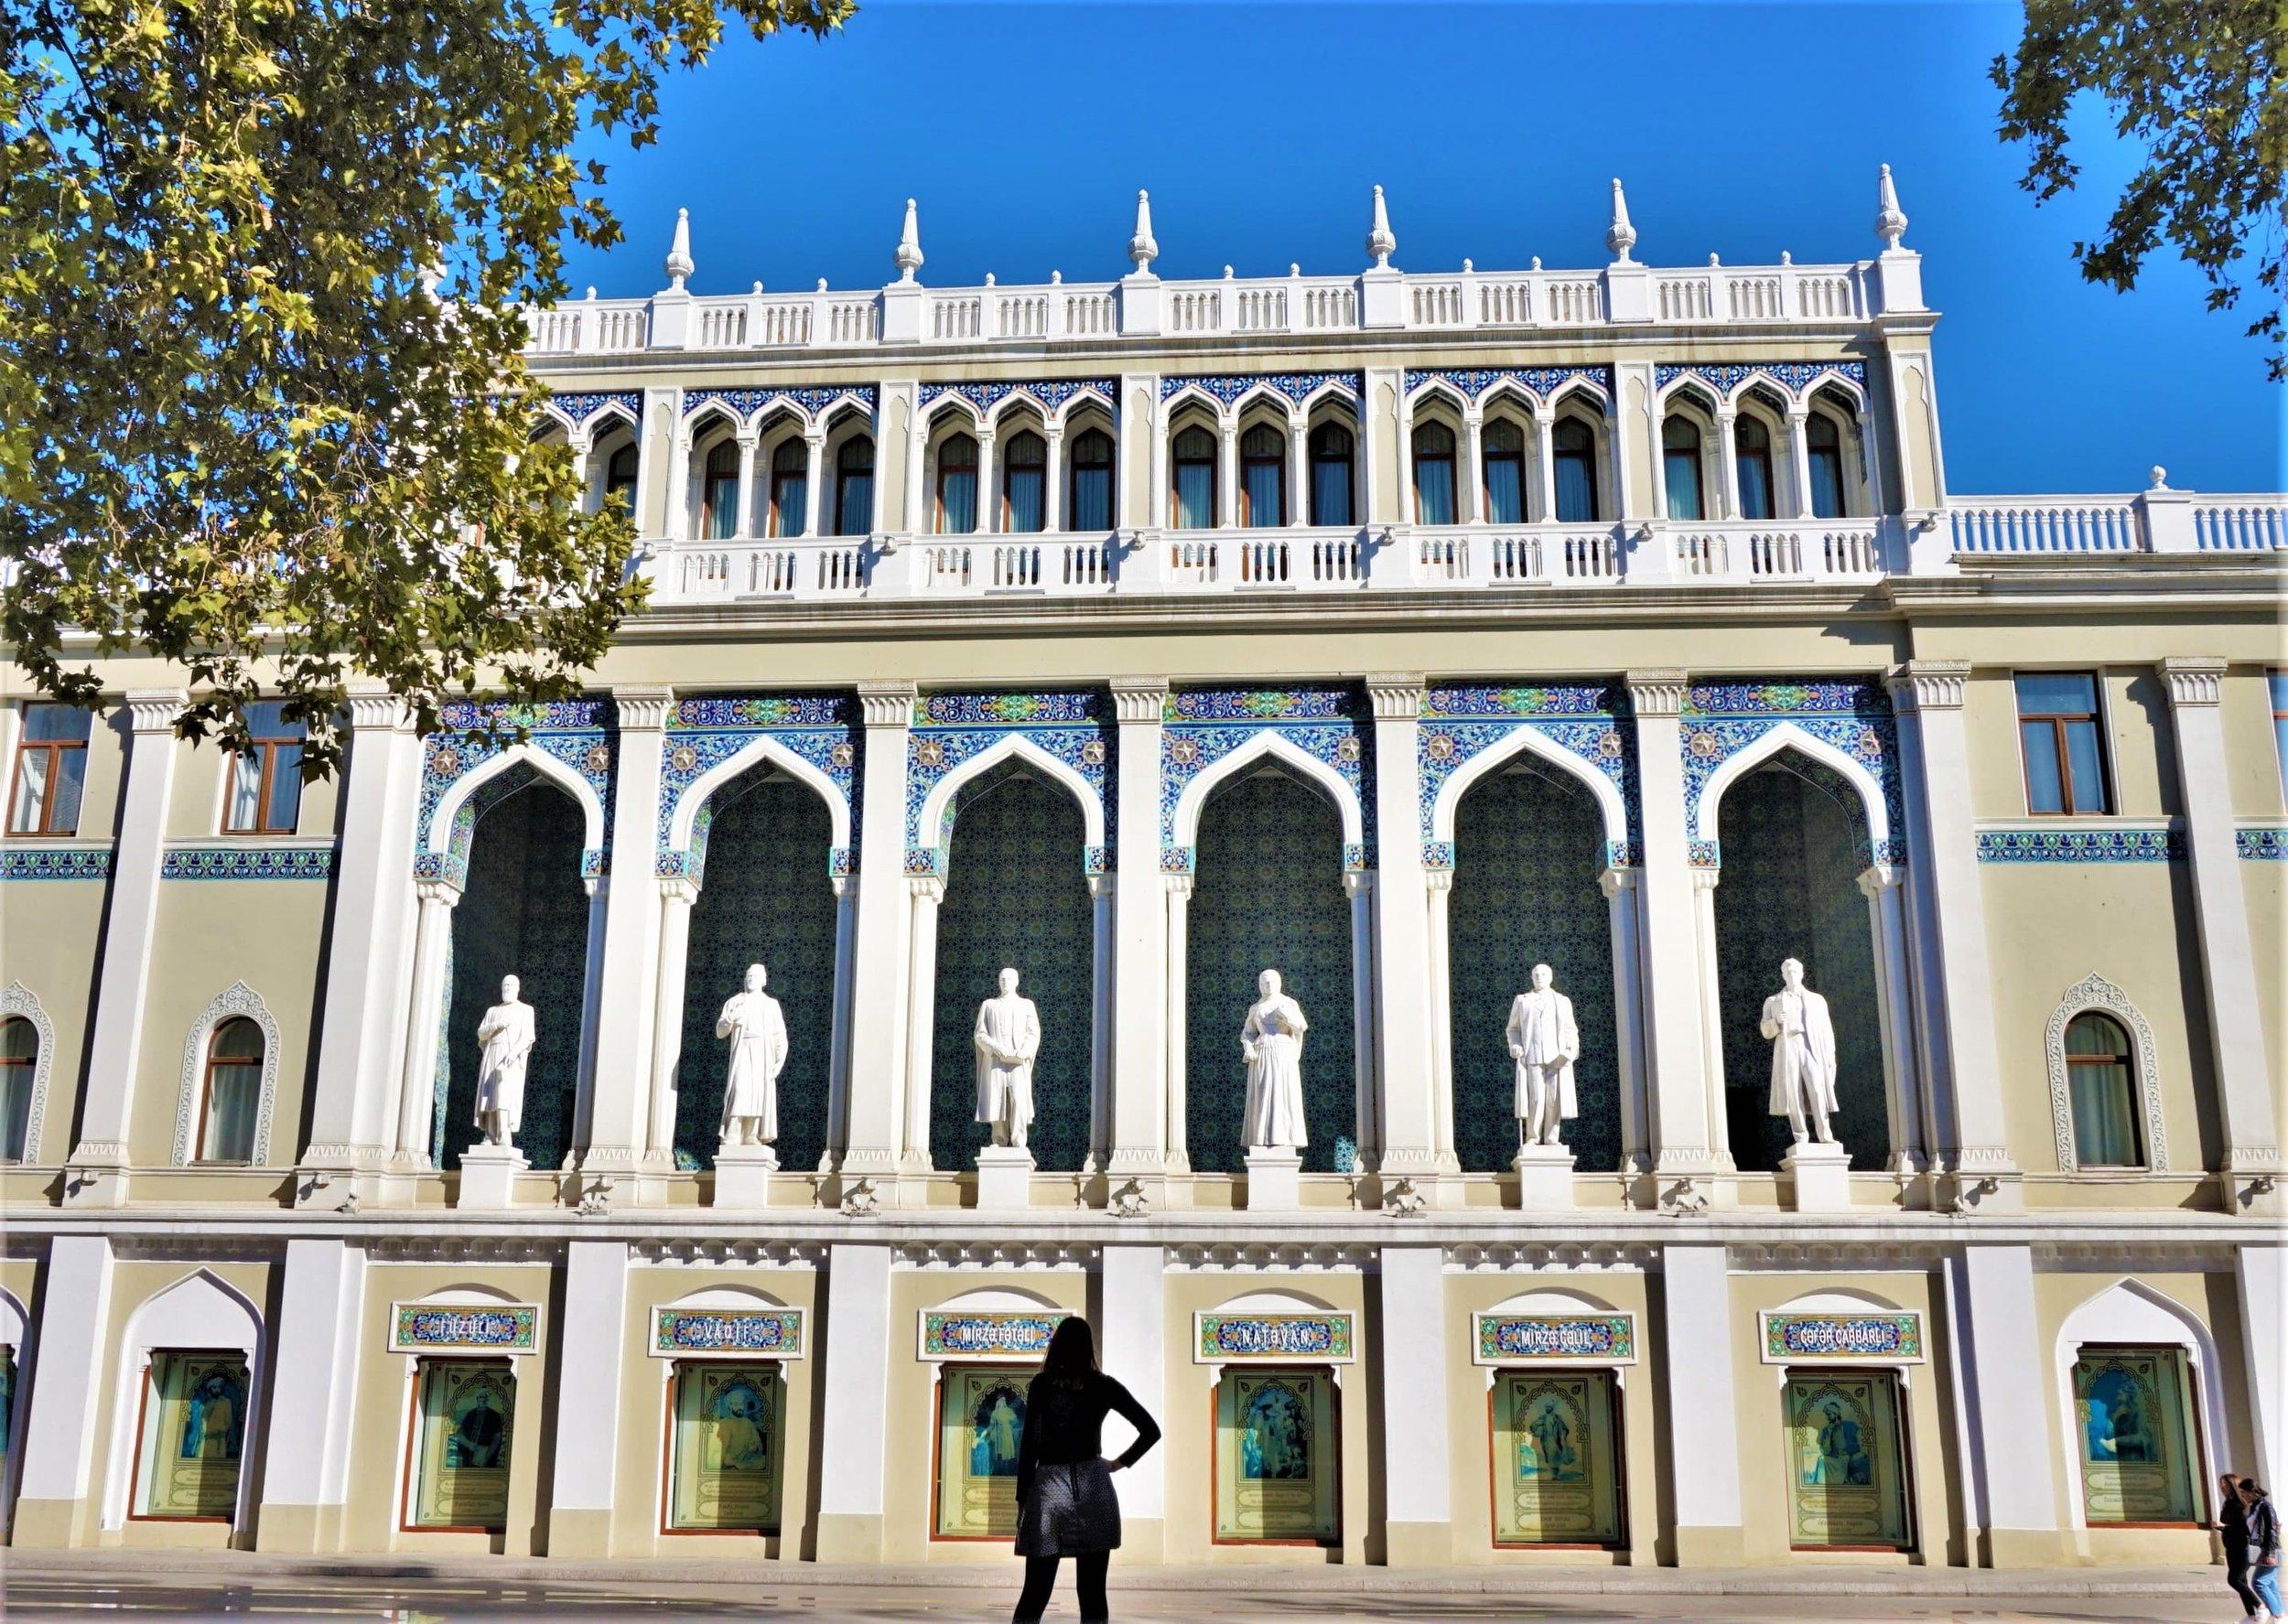 Museum of azerbaijani literature